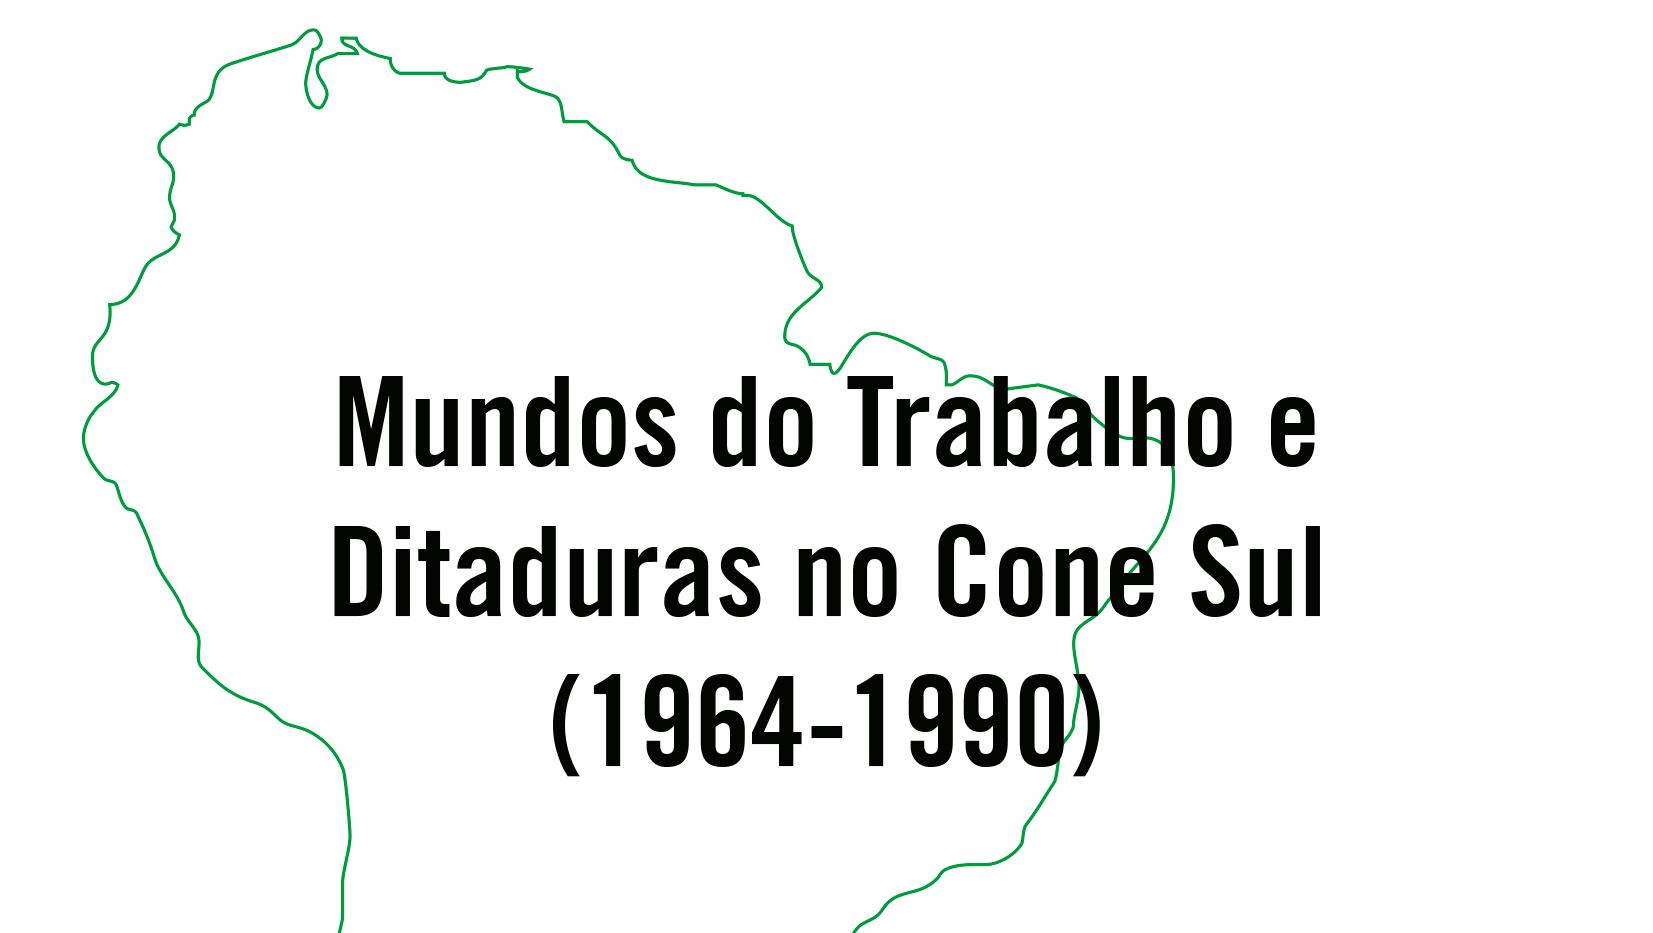 Mundos do Trabalho e Ditaduras no Cone Sul (1964-1990) – Paulo Fontes, Larissa Correa, Jean Sales e Alejandra Estevez